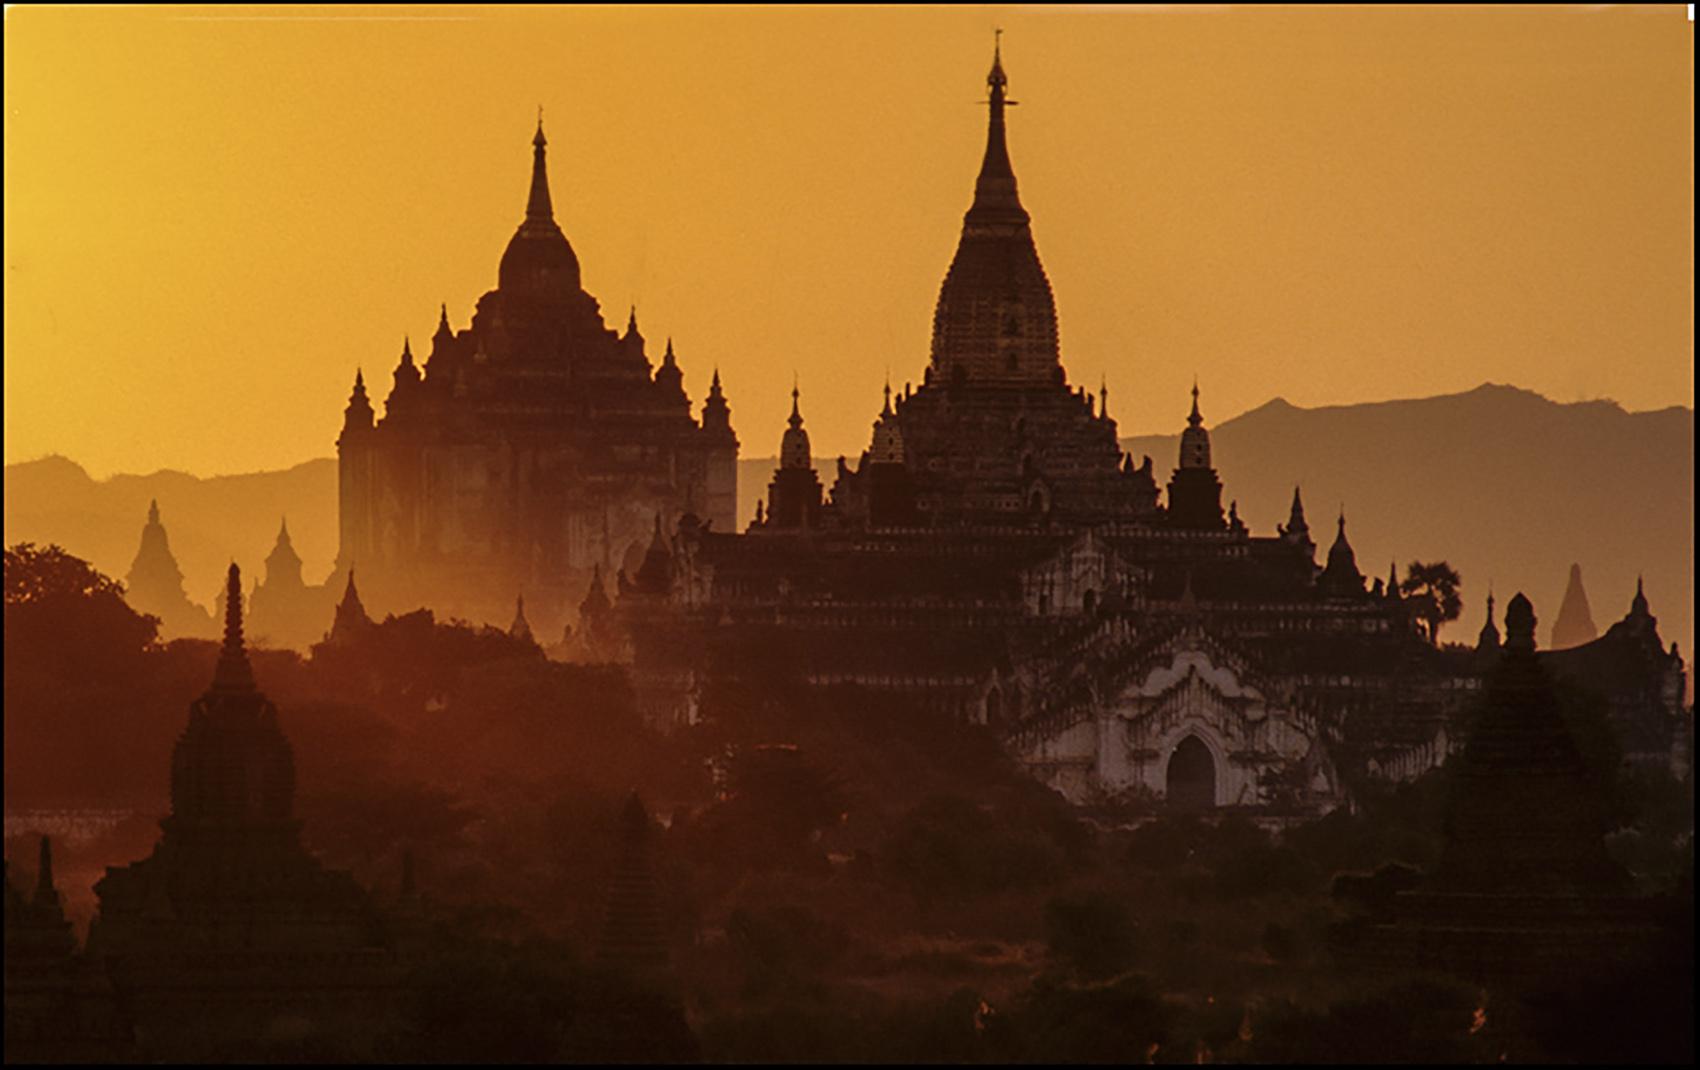 Sunrise from Okkyaunpgyi Temple, Myanmar